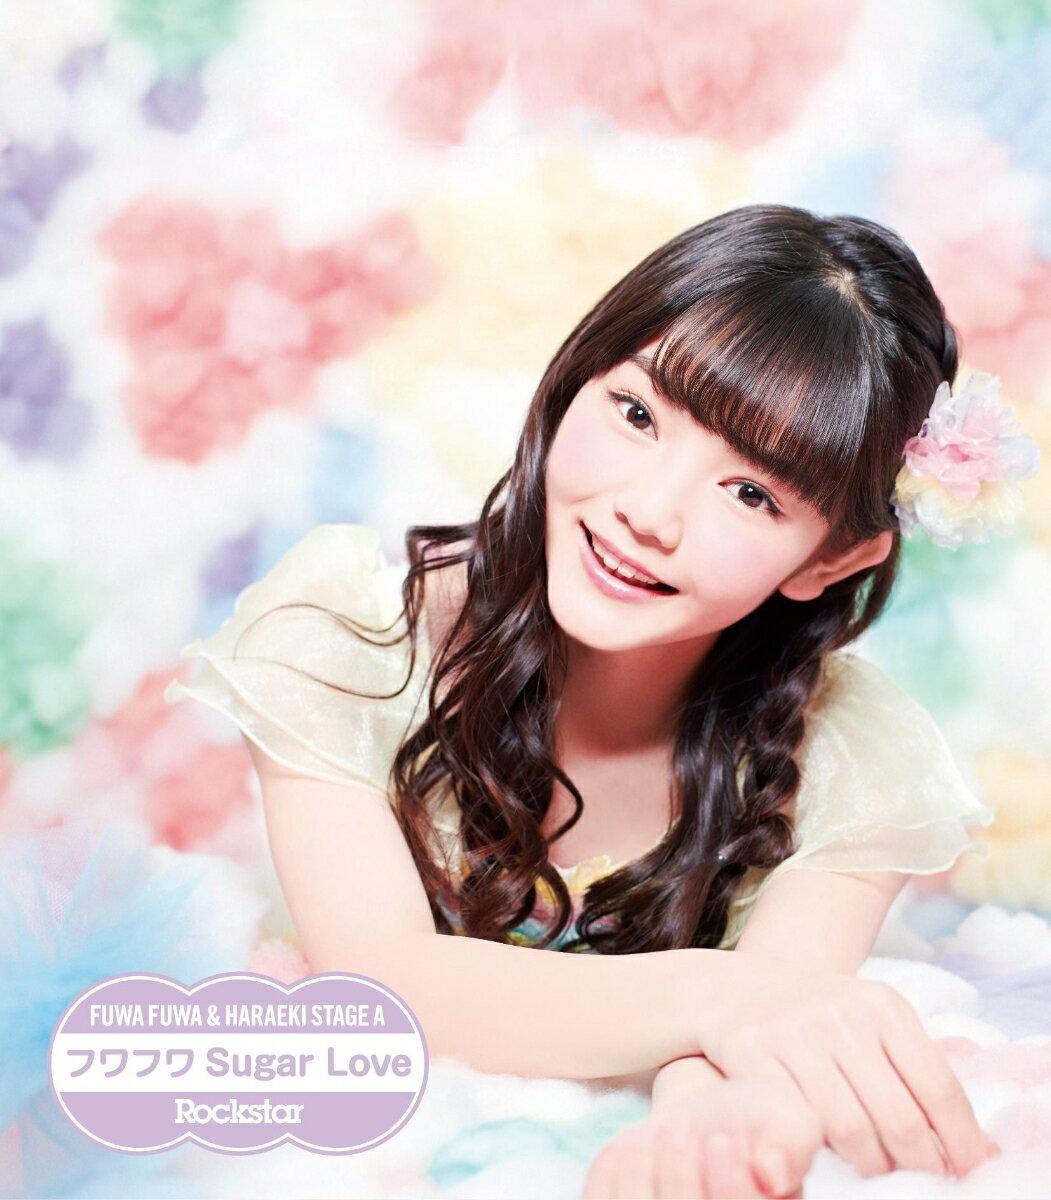 Rockstar/フワフワSugar Love (ふわふわ平塚日菜ソロジャケットver) [ 原駅ステージA&ふわふわ ]